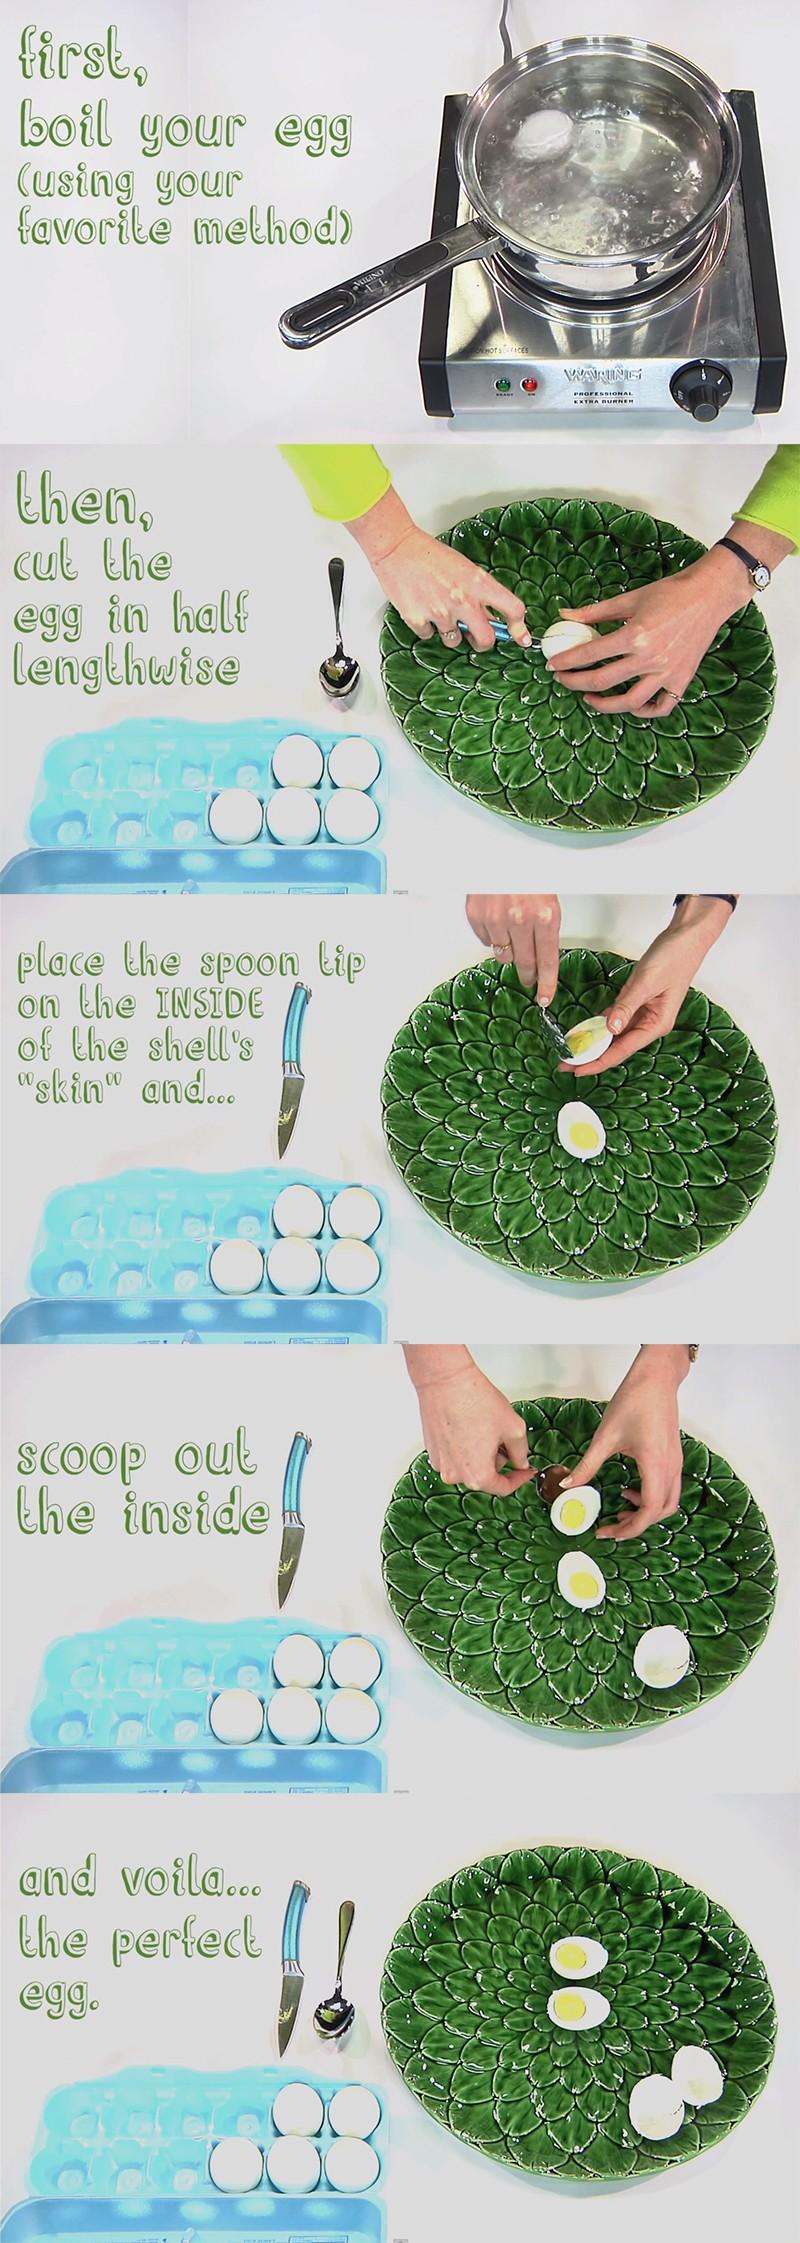 a melhor forma de desenformar o ovo cozido da casca